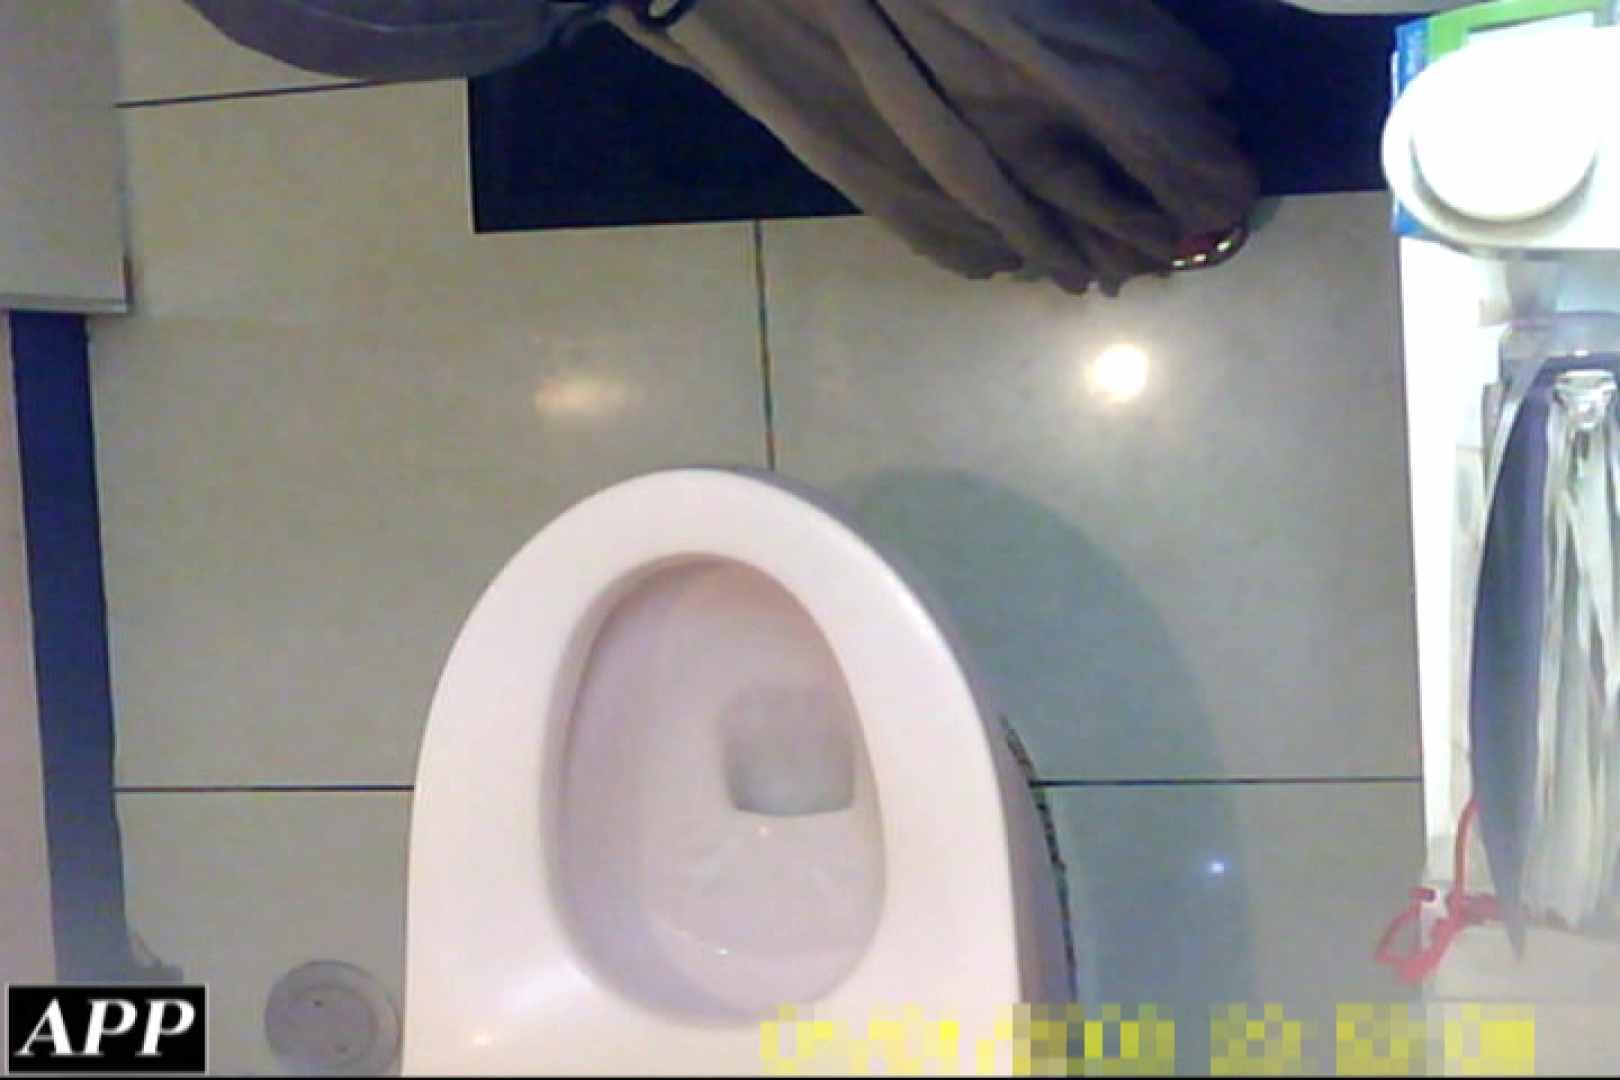 3視点洗面所 vol.142 洗面所 オマンコ動画キャプチャ 80画像 11